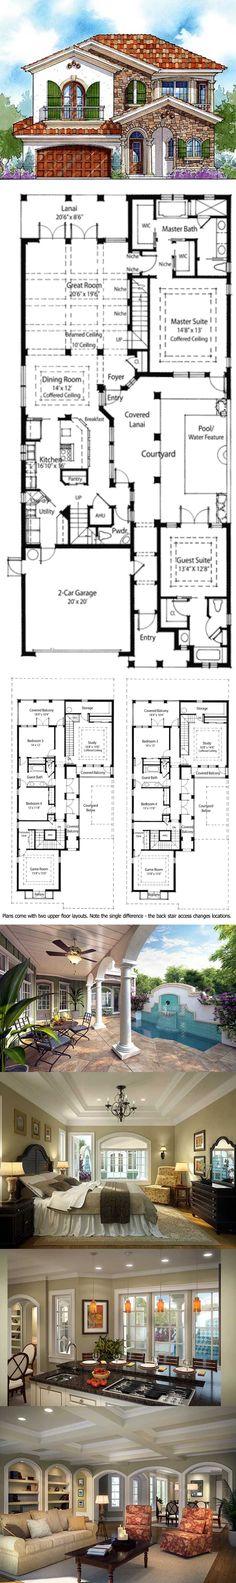 Plan 57245ha Narrow Lot Courtyard Home Plan House Plans